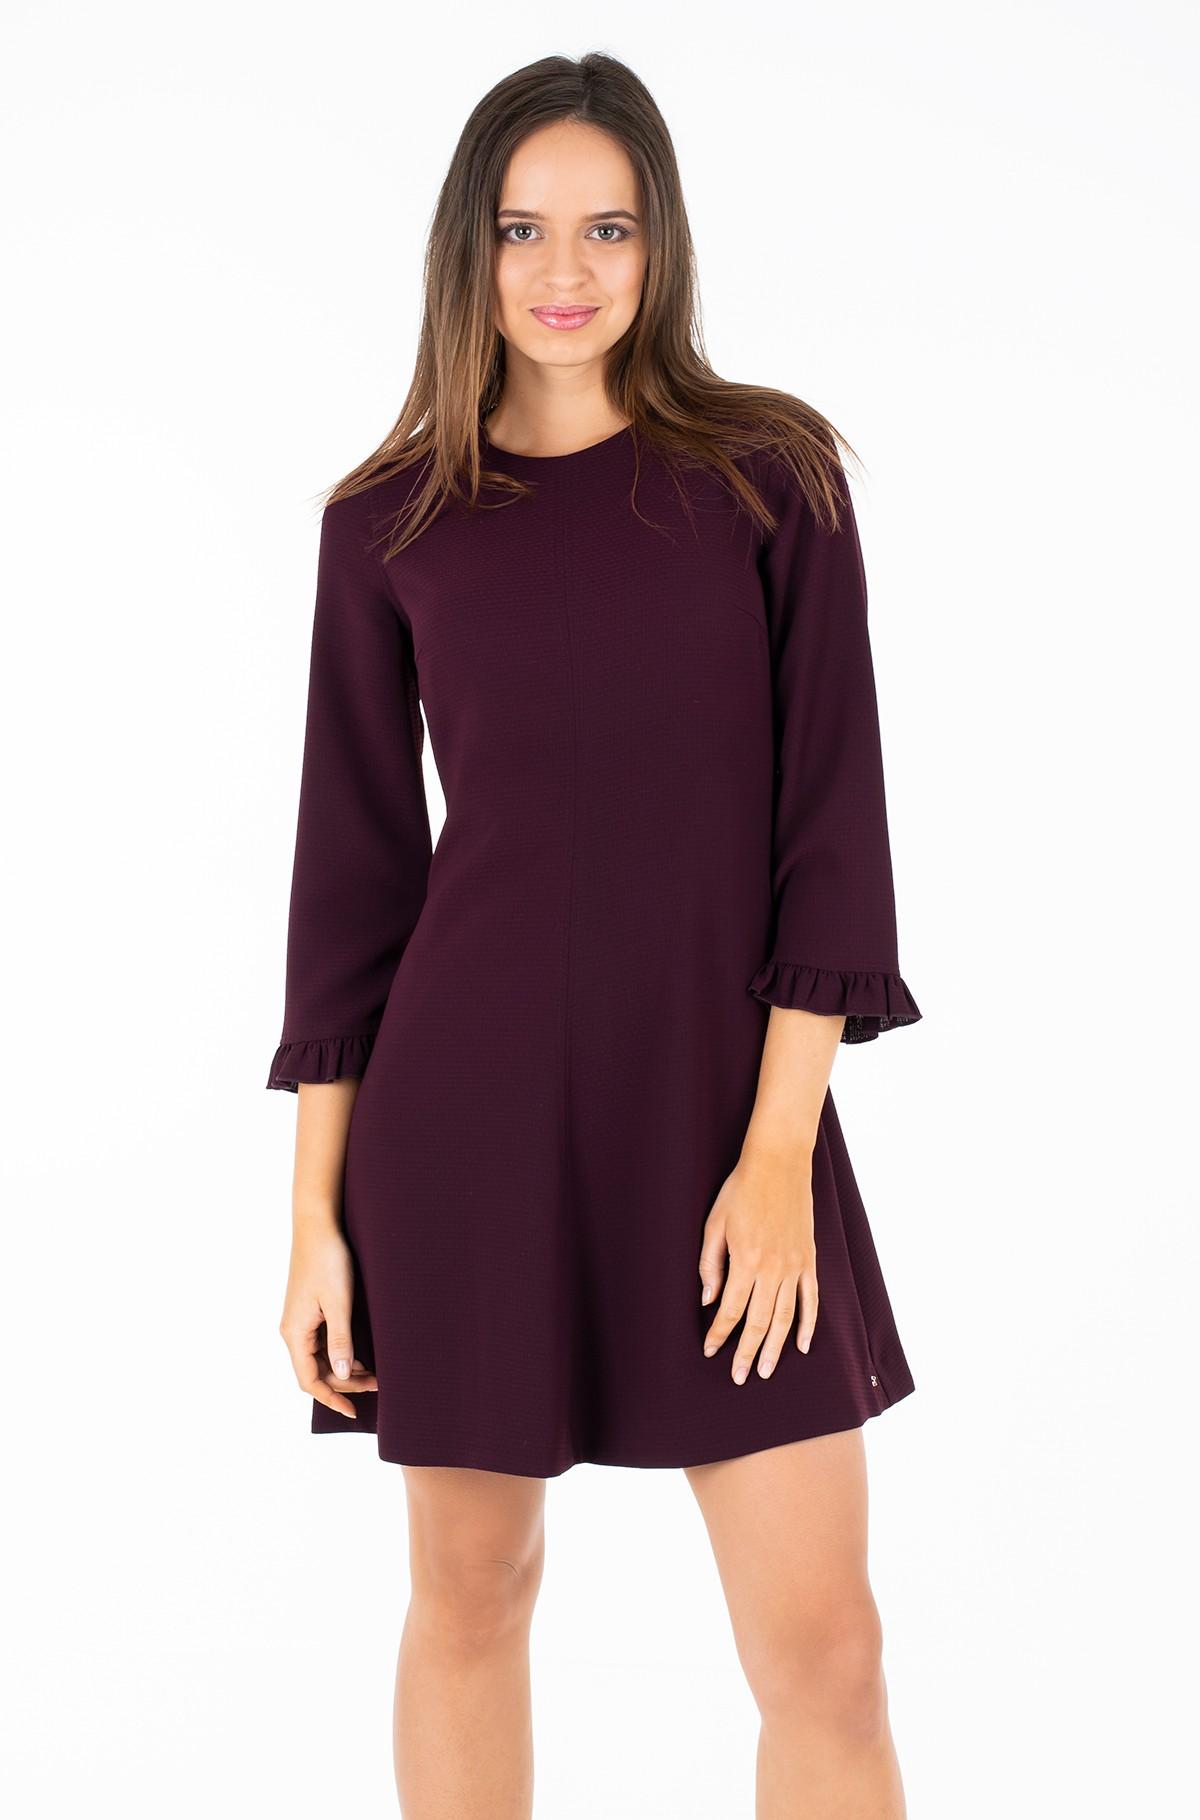 Suknelė MEG DRESS 3-4 SLV-full-1